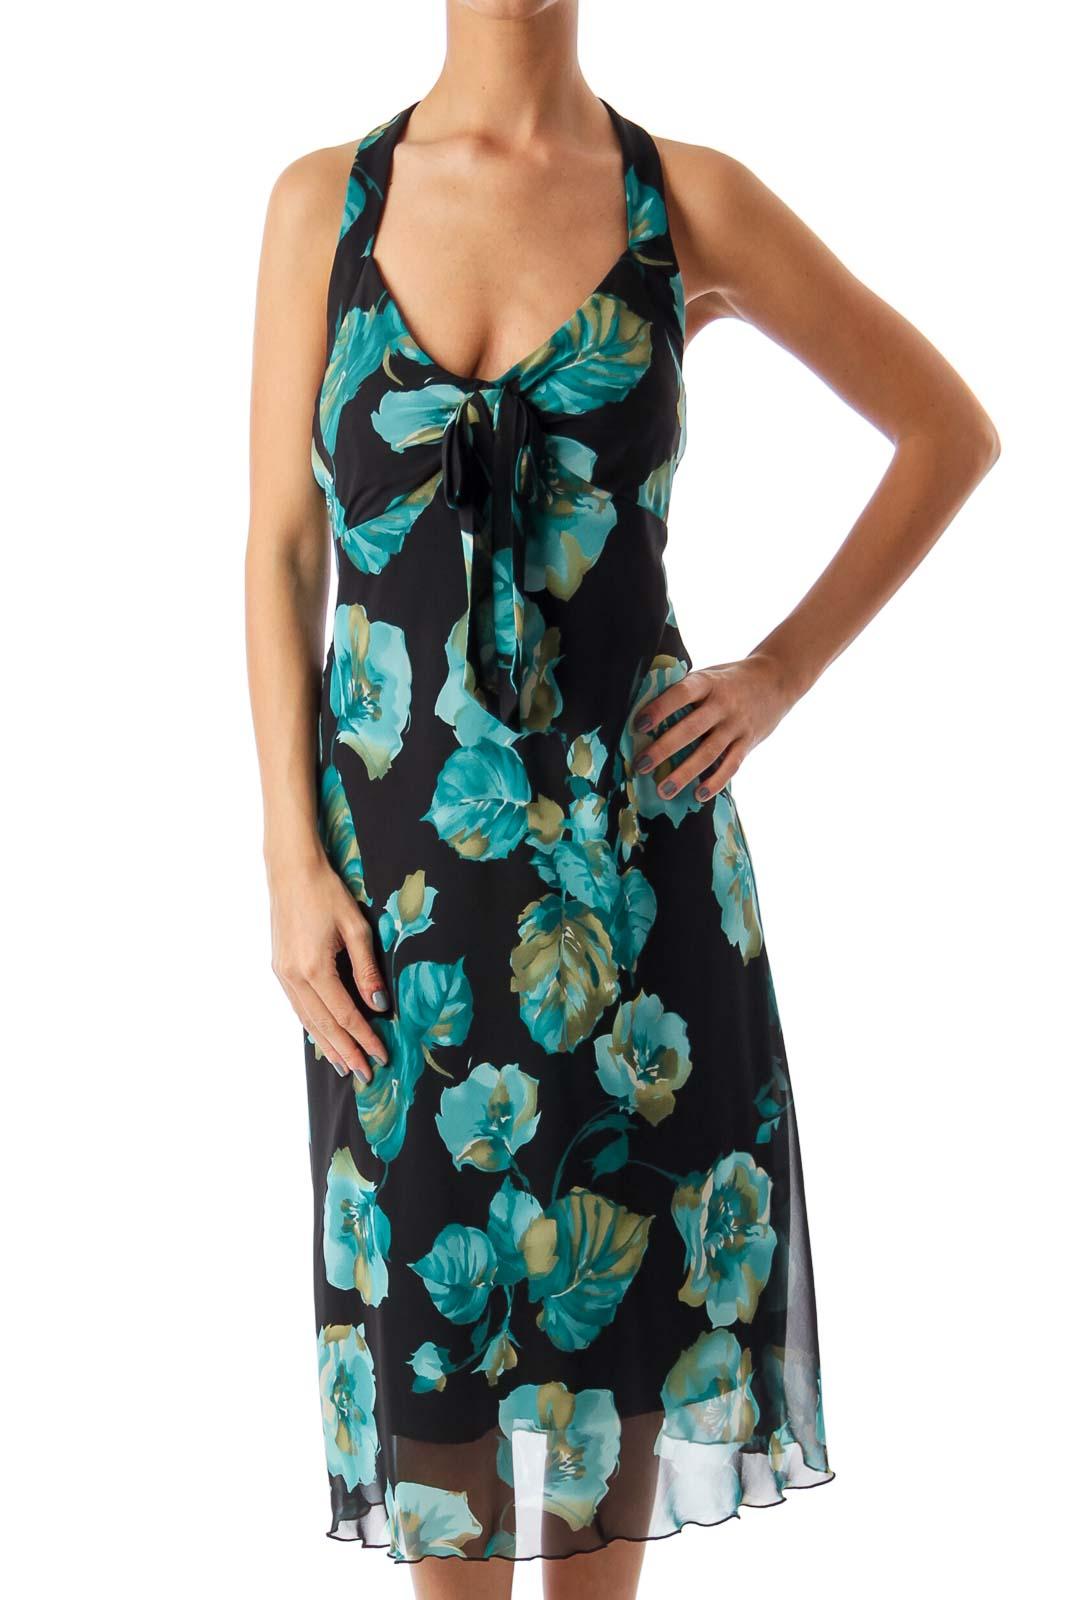 Black & Turquoise Floral Halter Dress Front